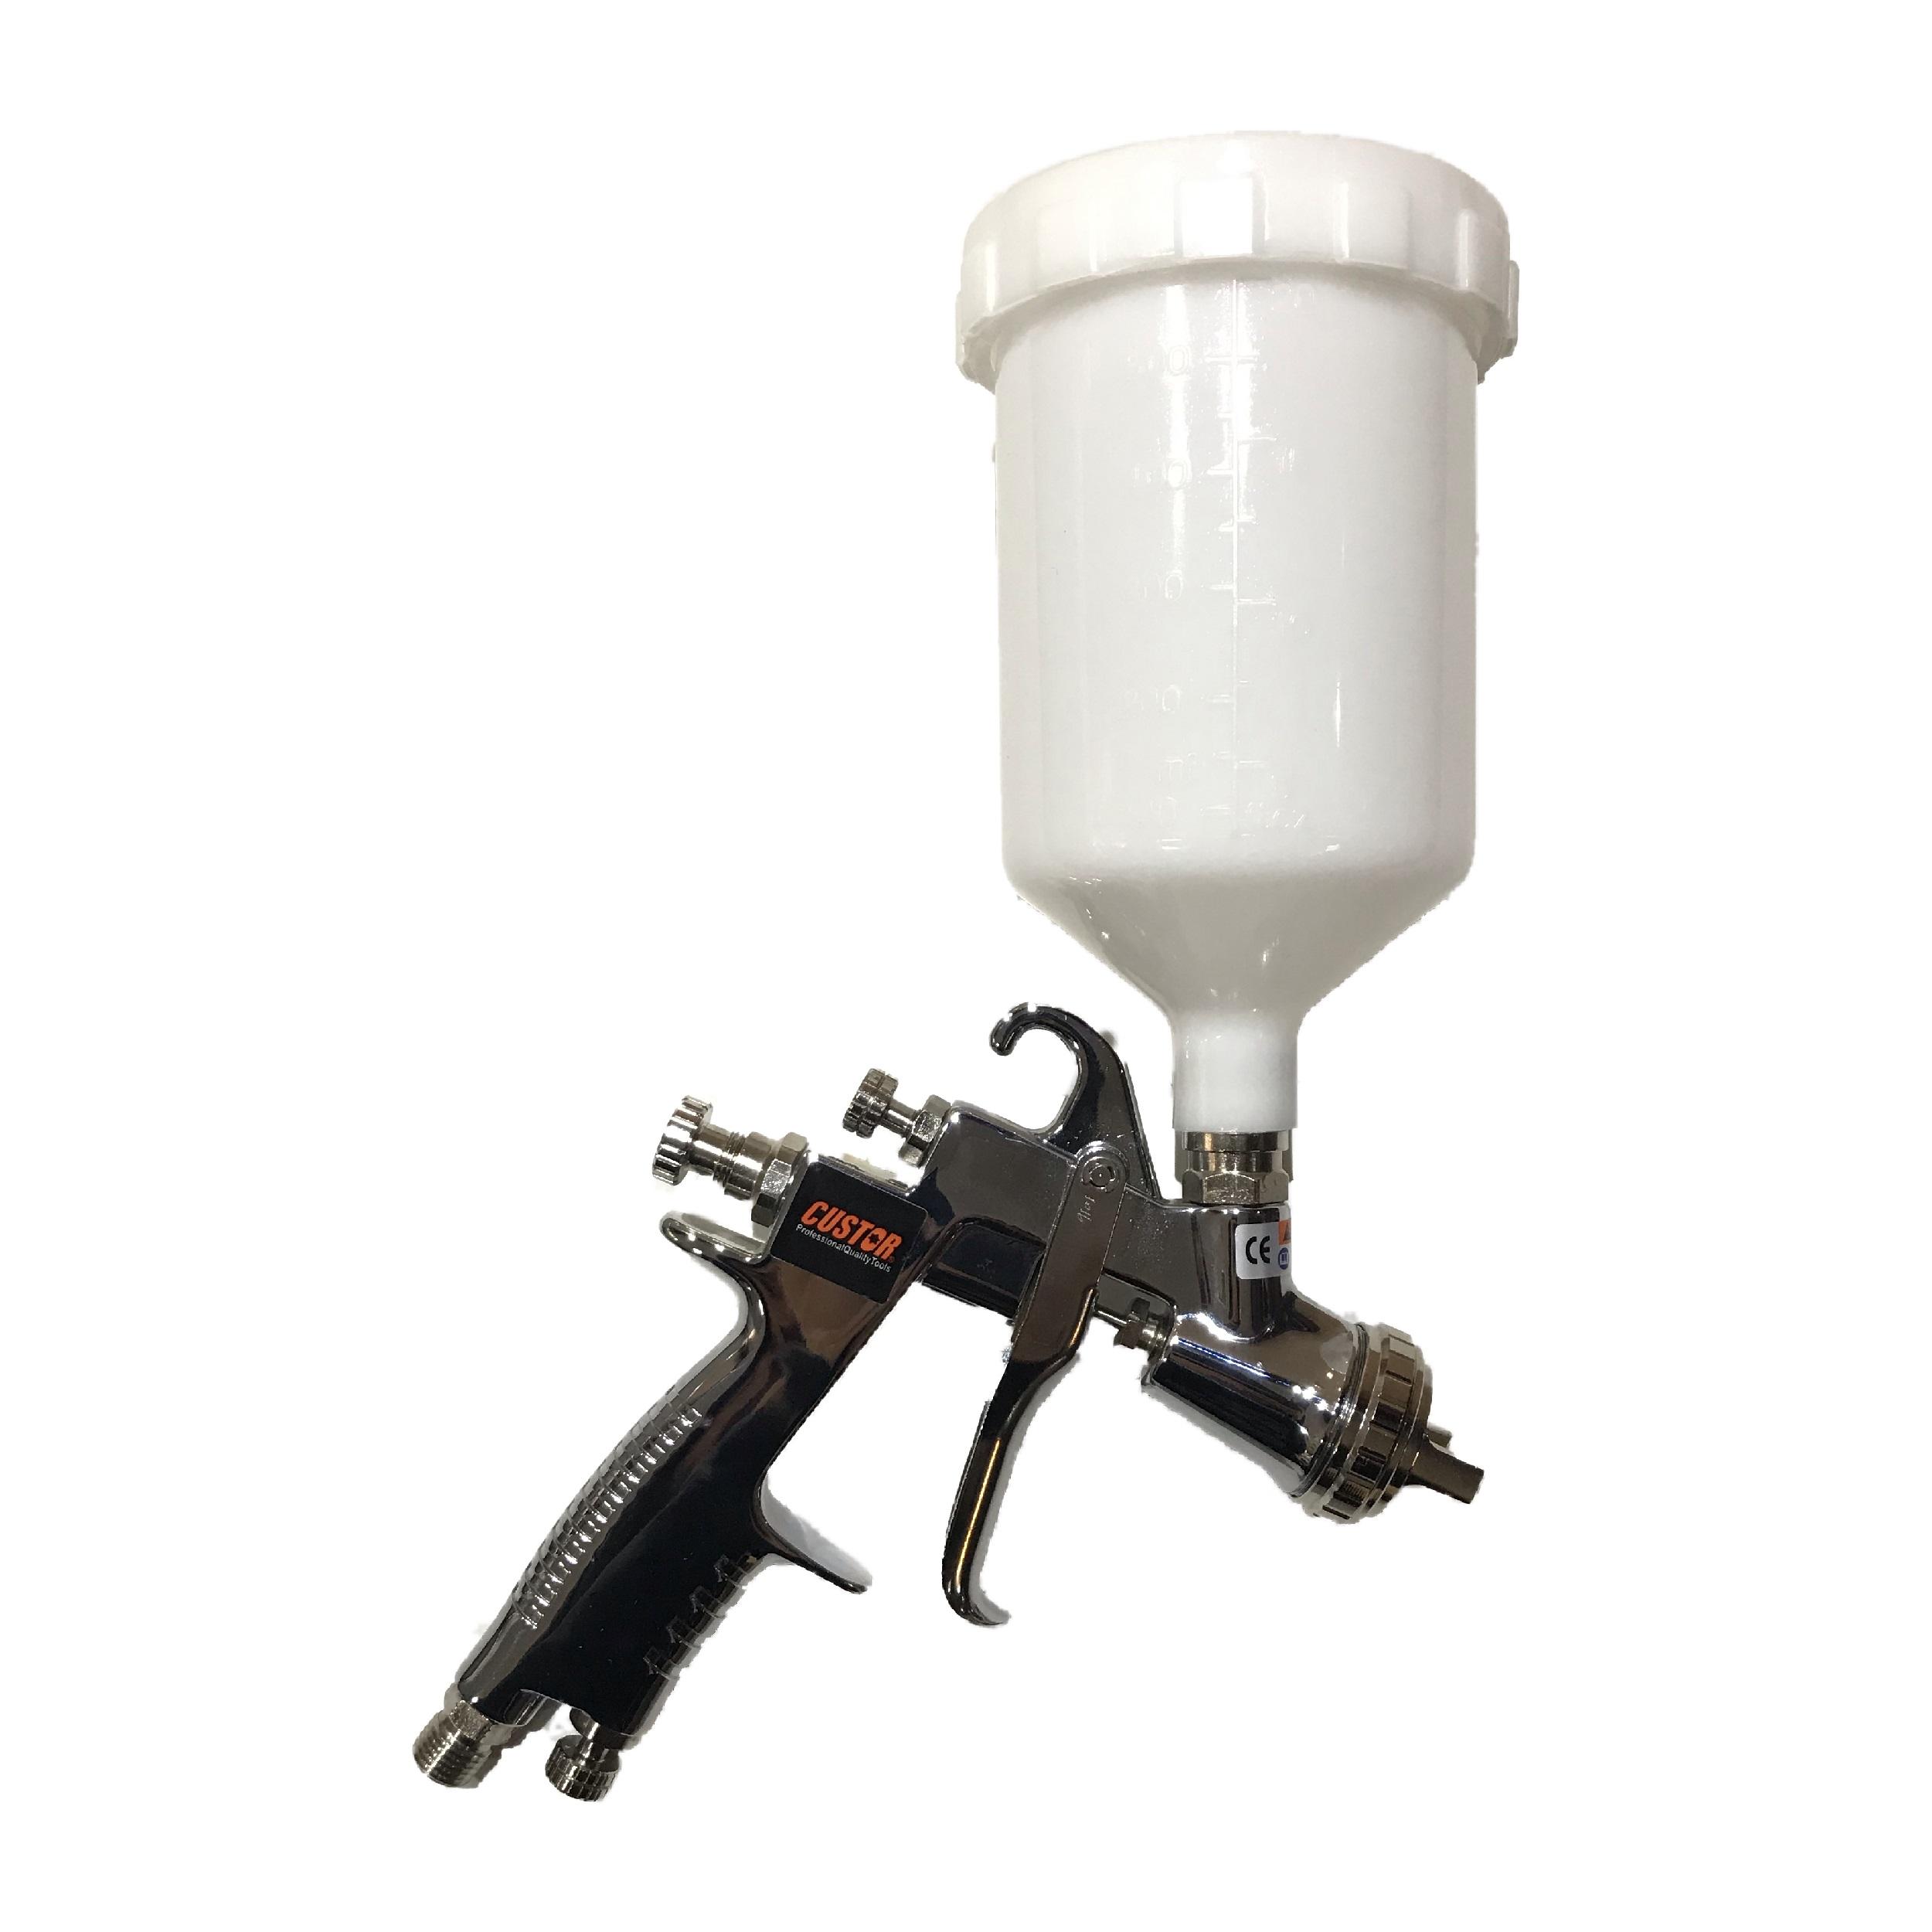 پیستوله بادی کاستور مدل CG-4012A